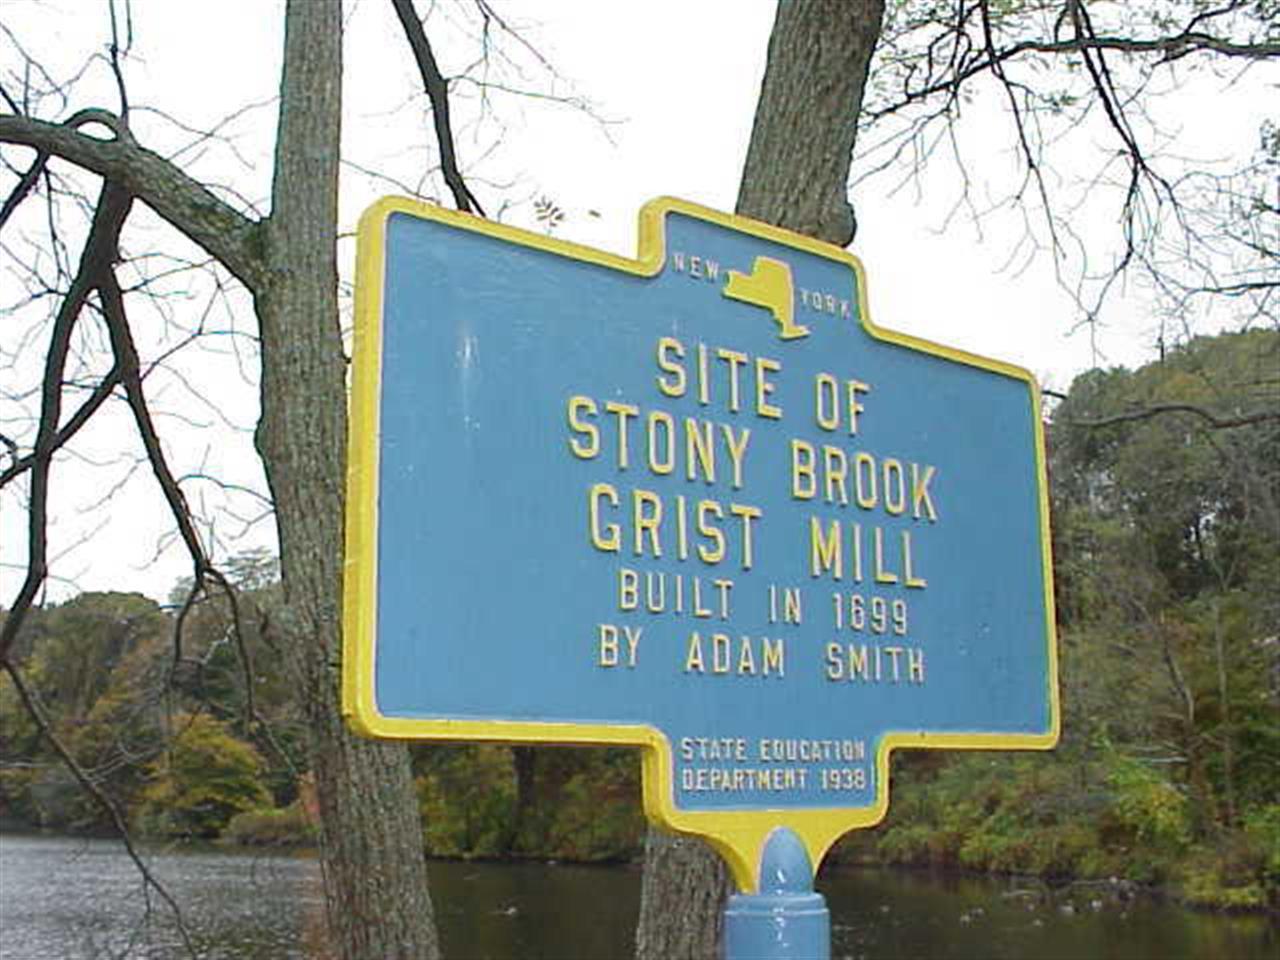 #longisland #northshore #stonybrookhistory #stonybrookgristmill